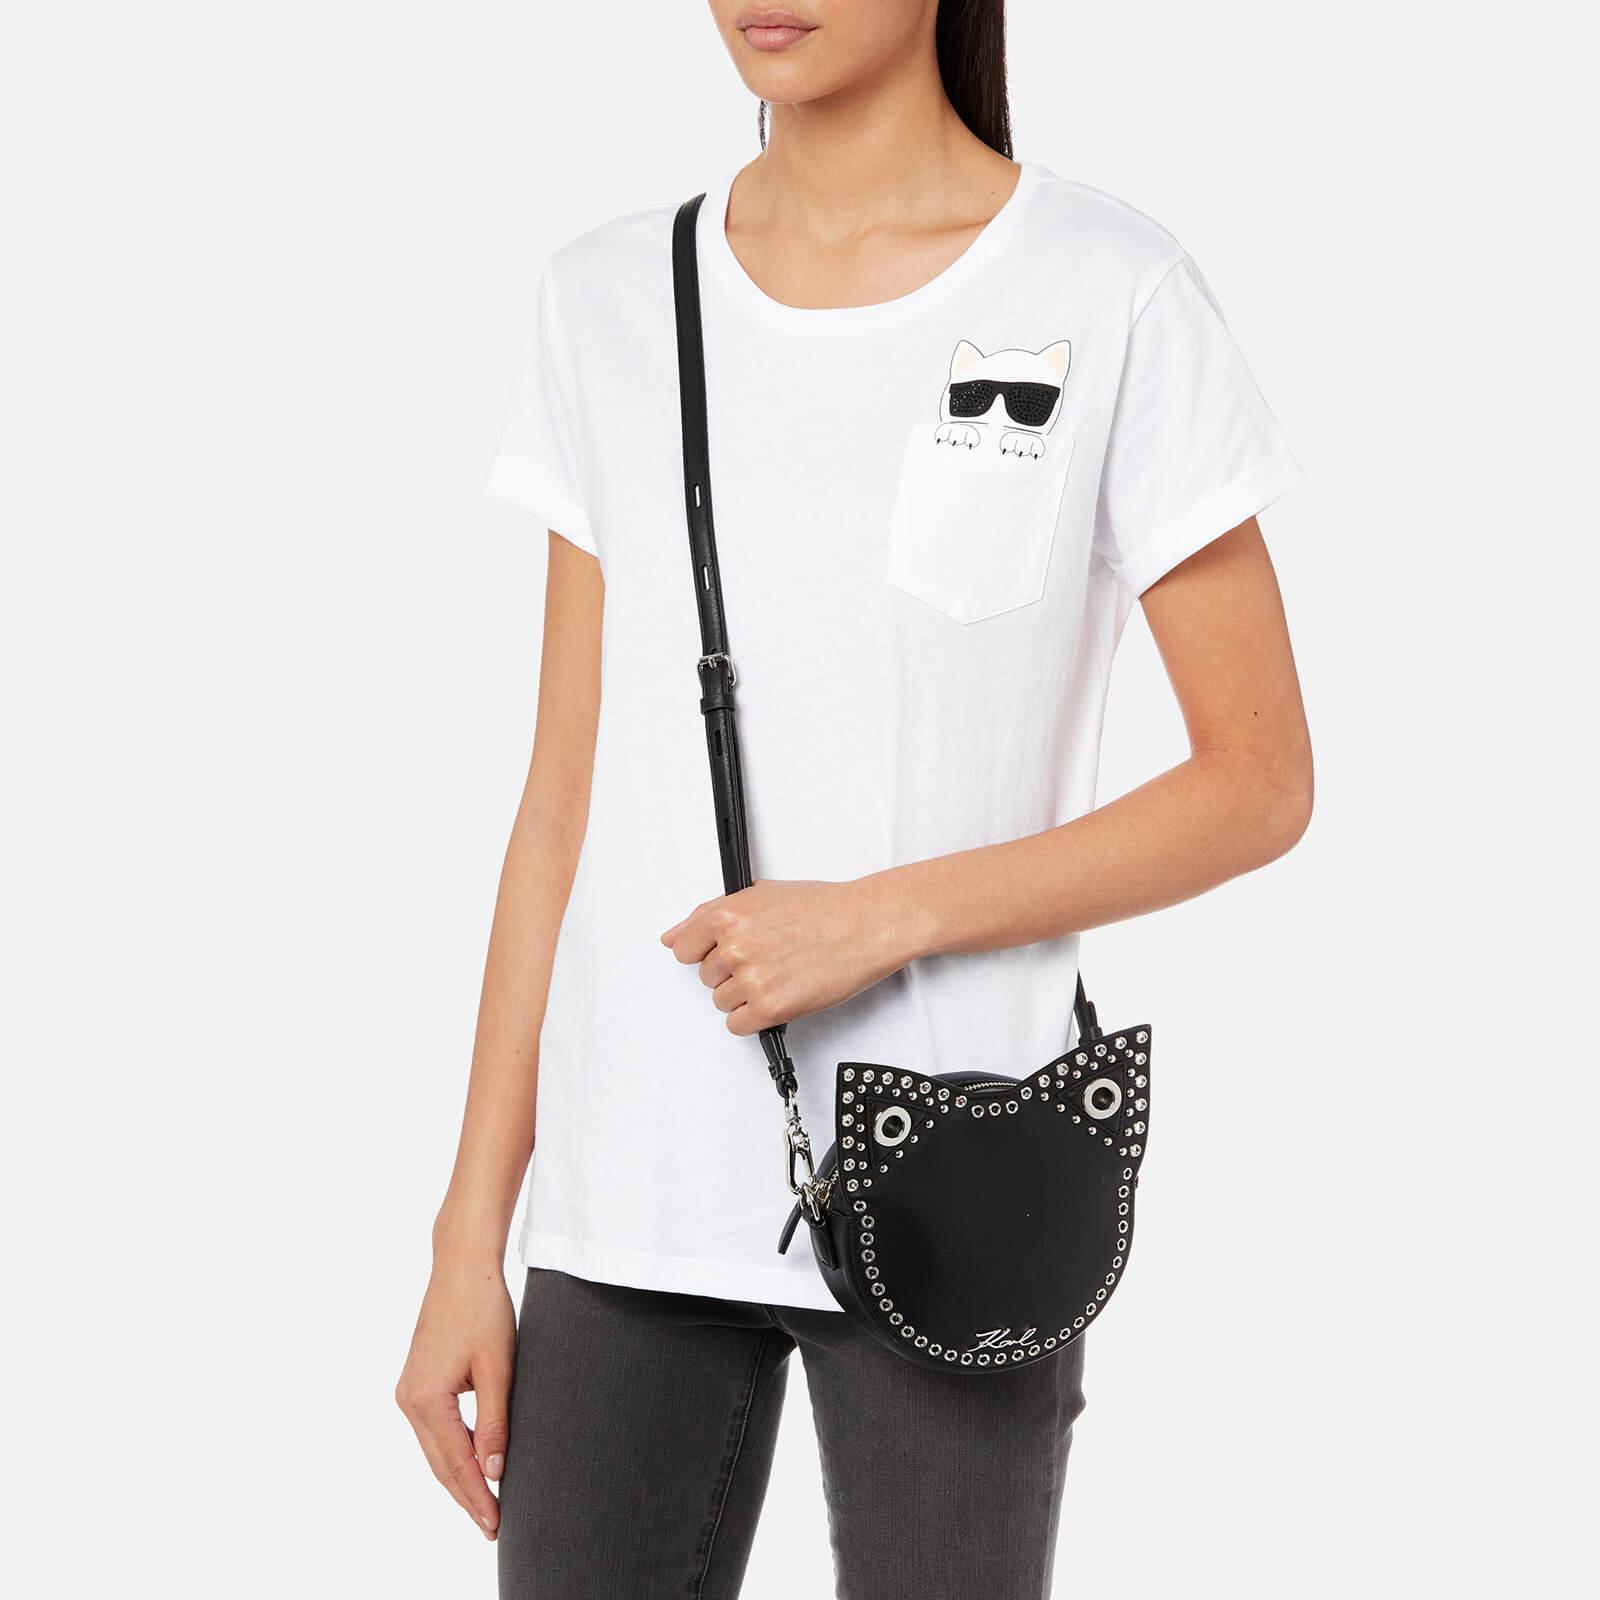 Lyst Karl Lagerfeld Krocky Choupette Cross Body Bag In Black